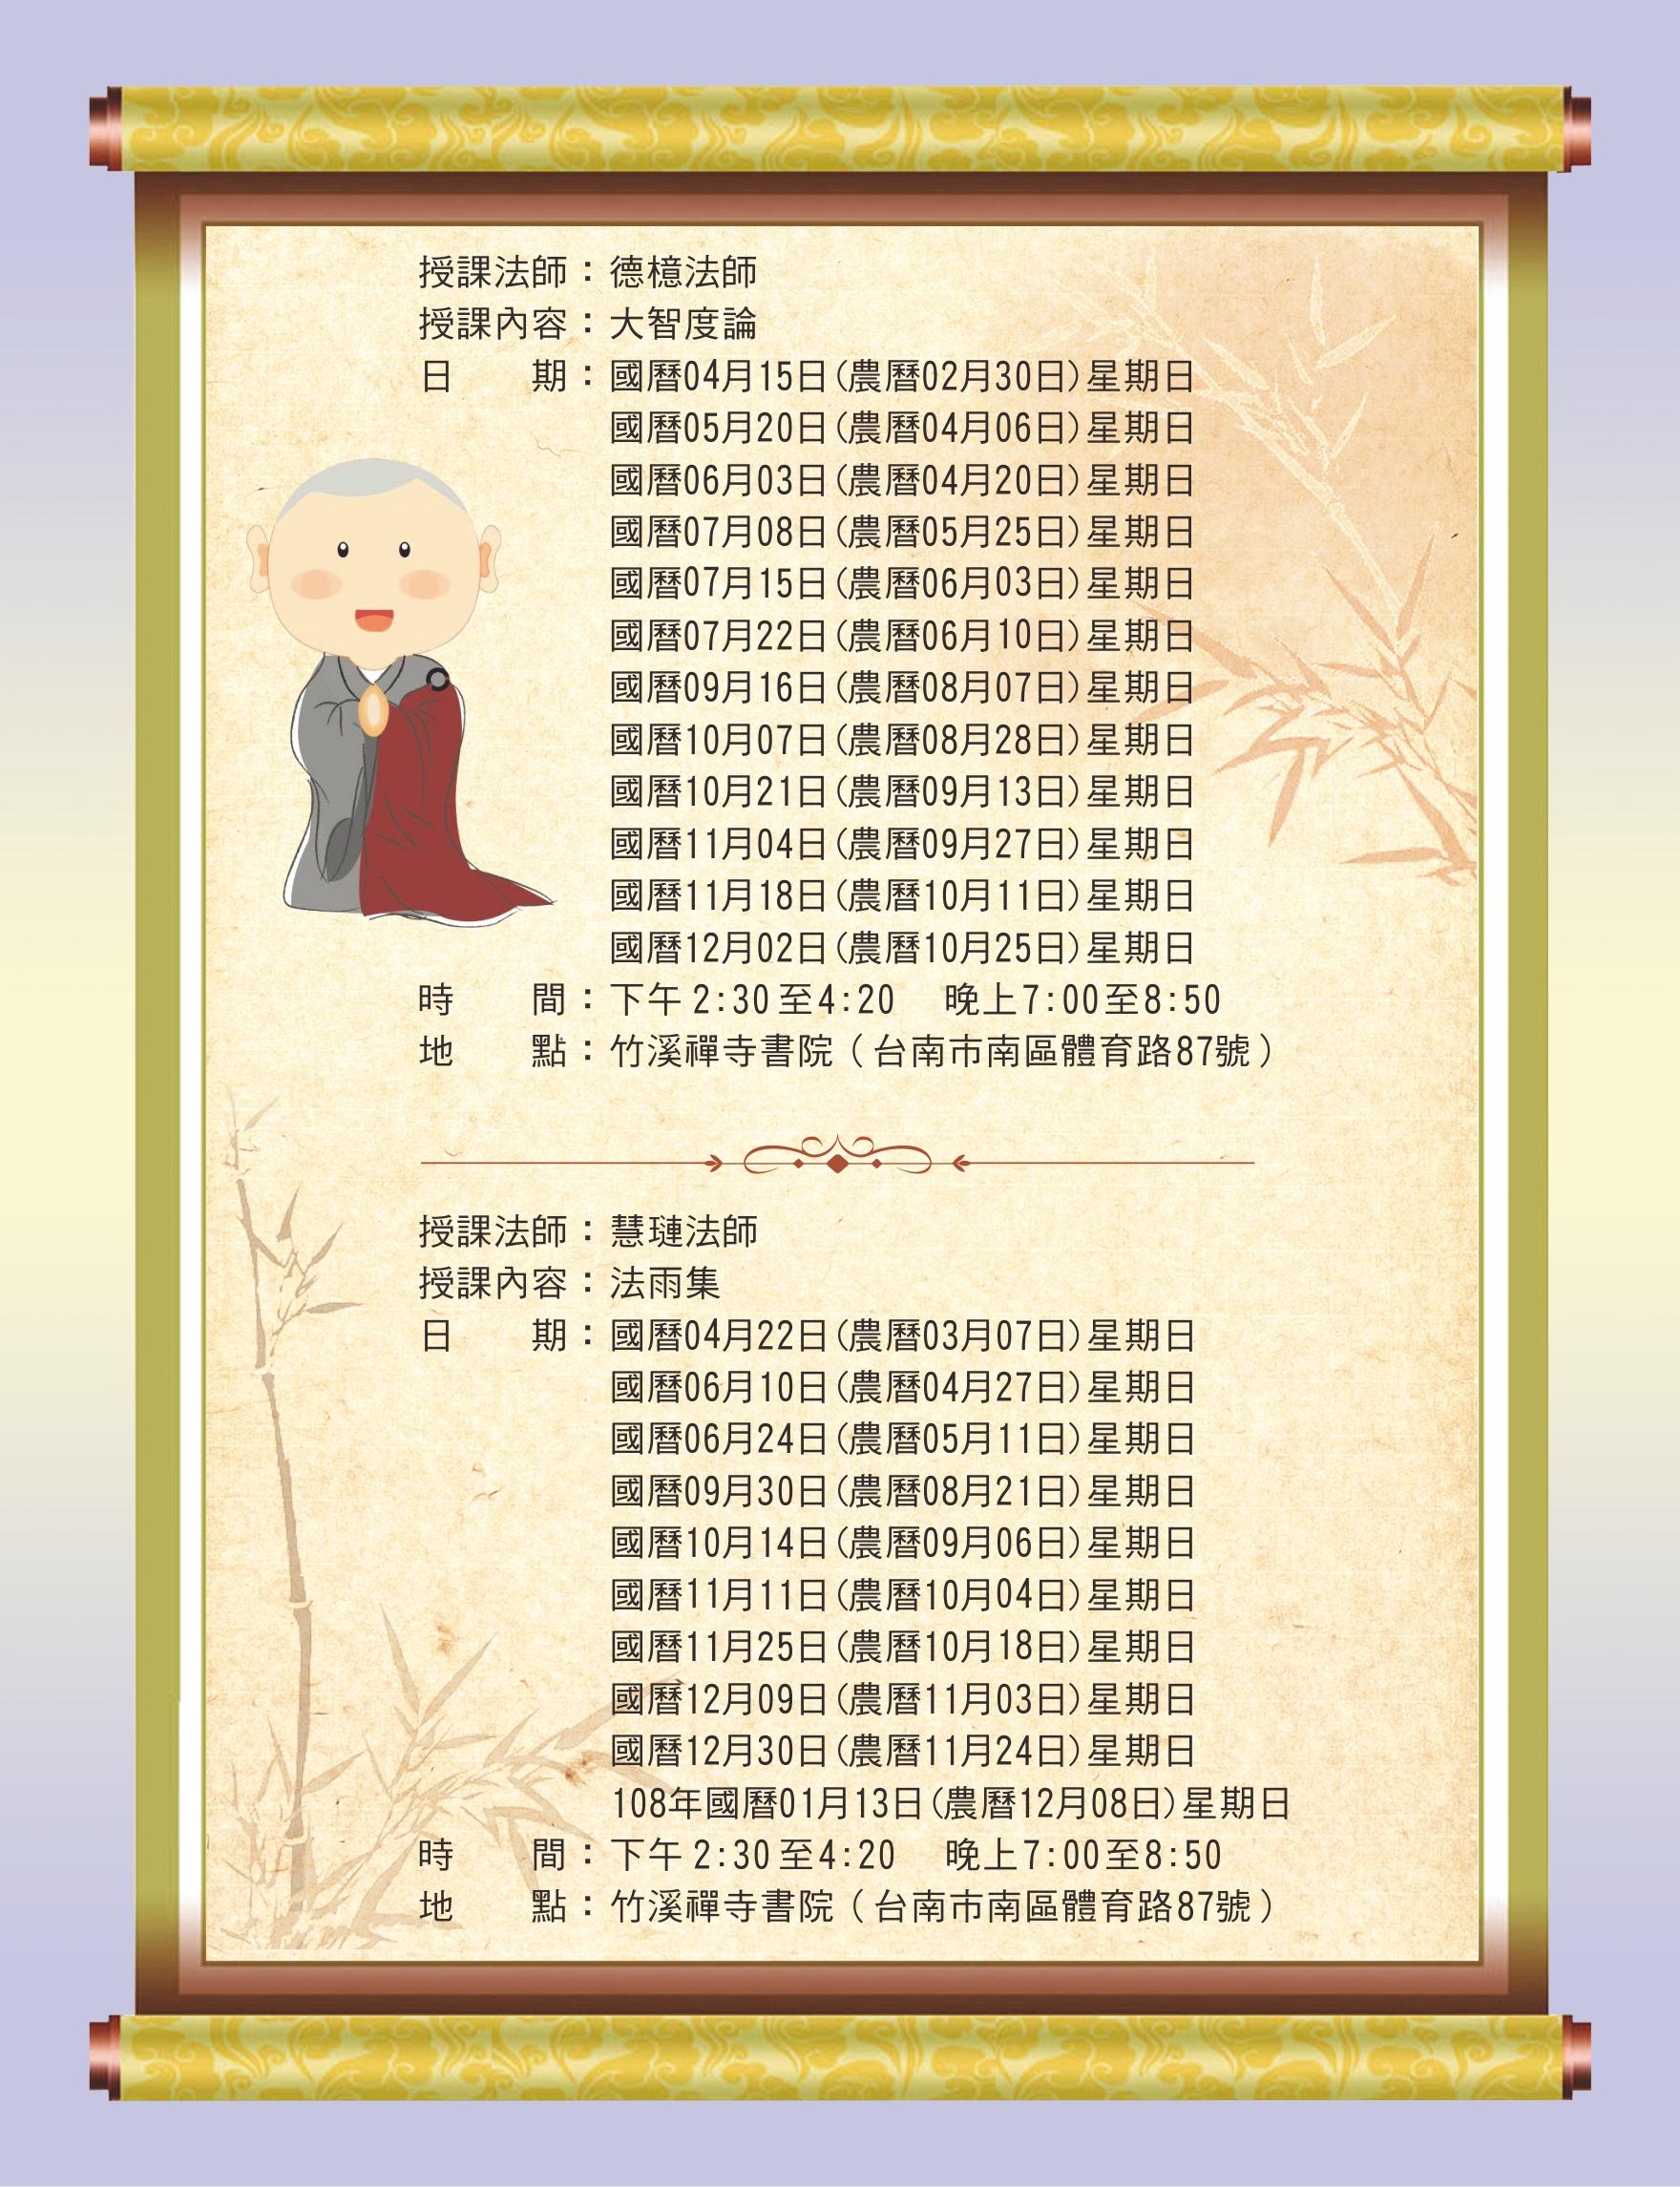 行事曆授課時間表.jpg